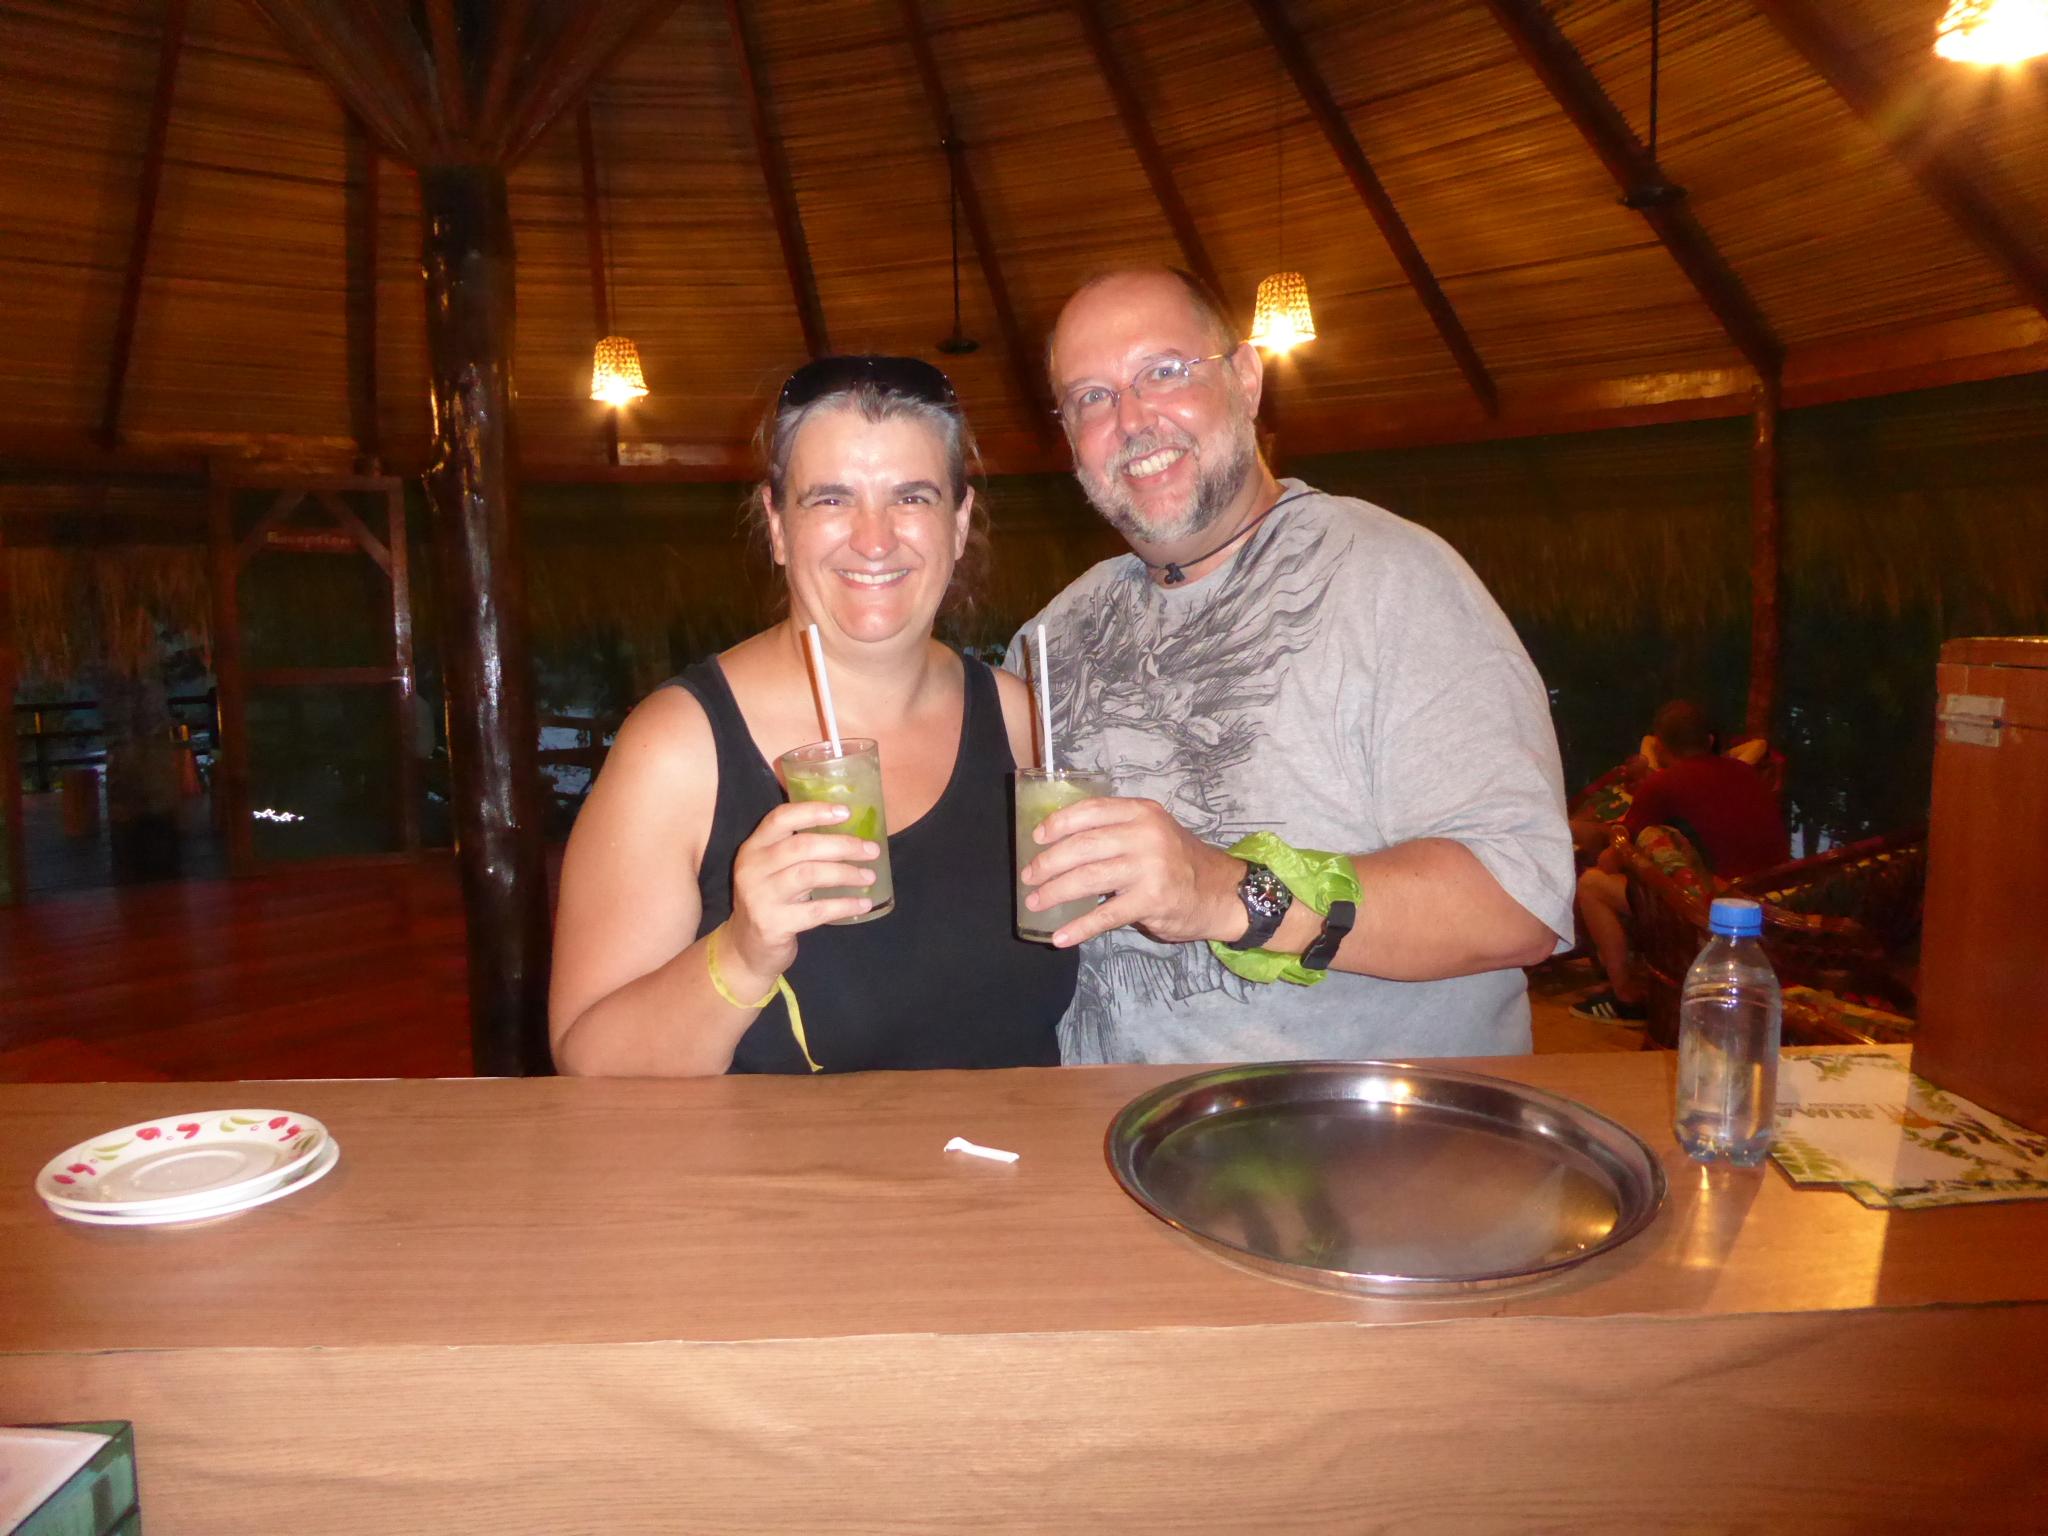 Wir geniessen unseren ersten und einzigen Caipirinha in der Juma Amazon Lodge - super lecker